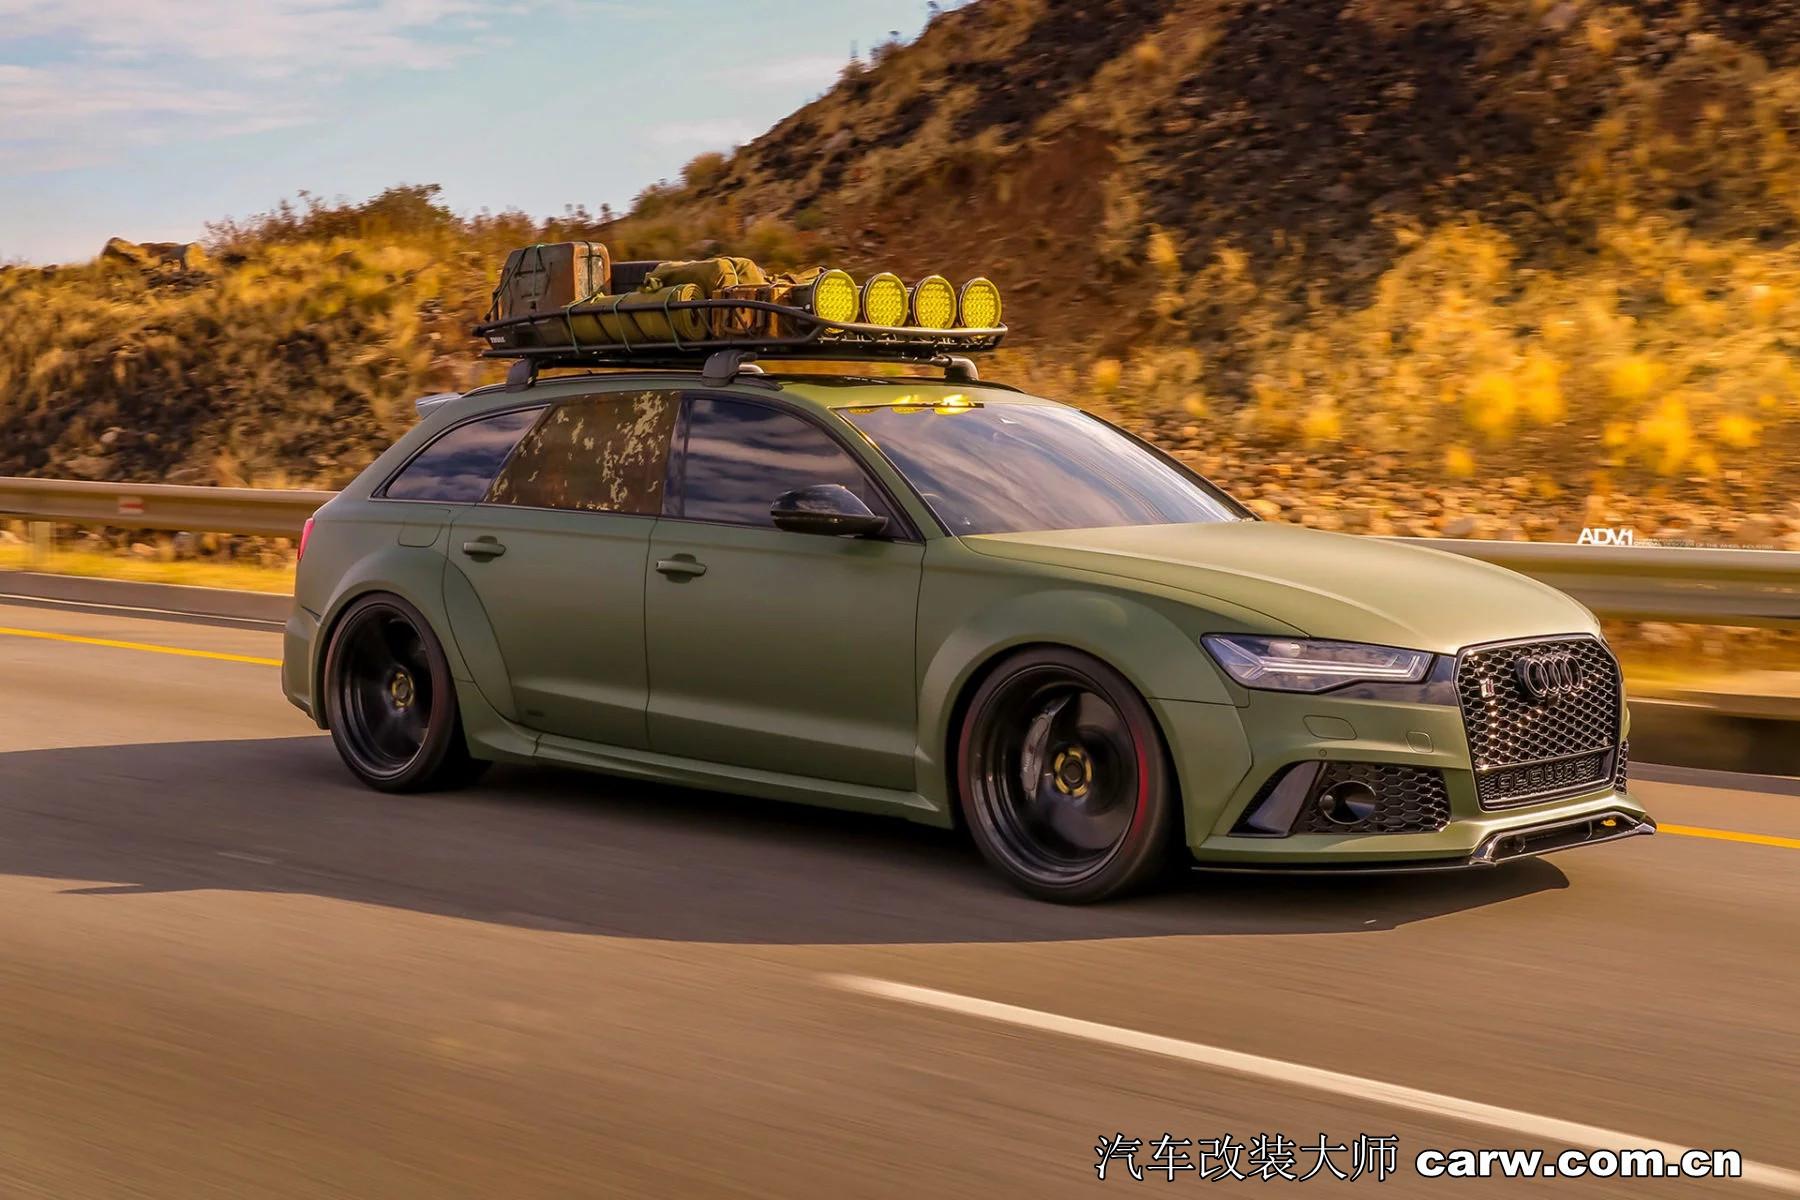 陆军绿色宽体奥迪RS6 Avant精彩改装大片